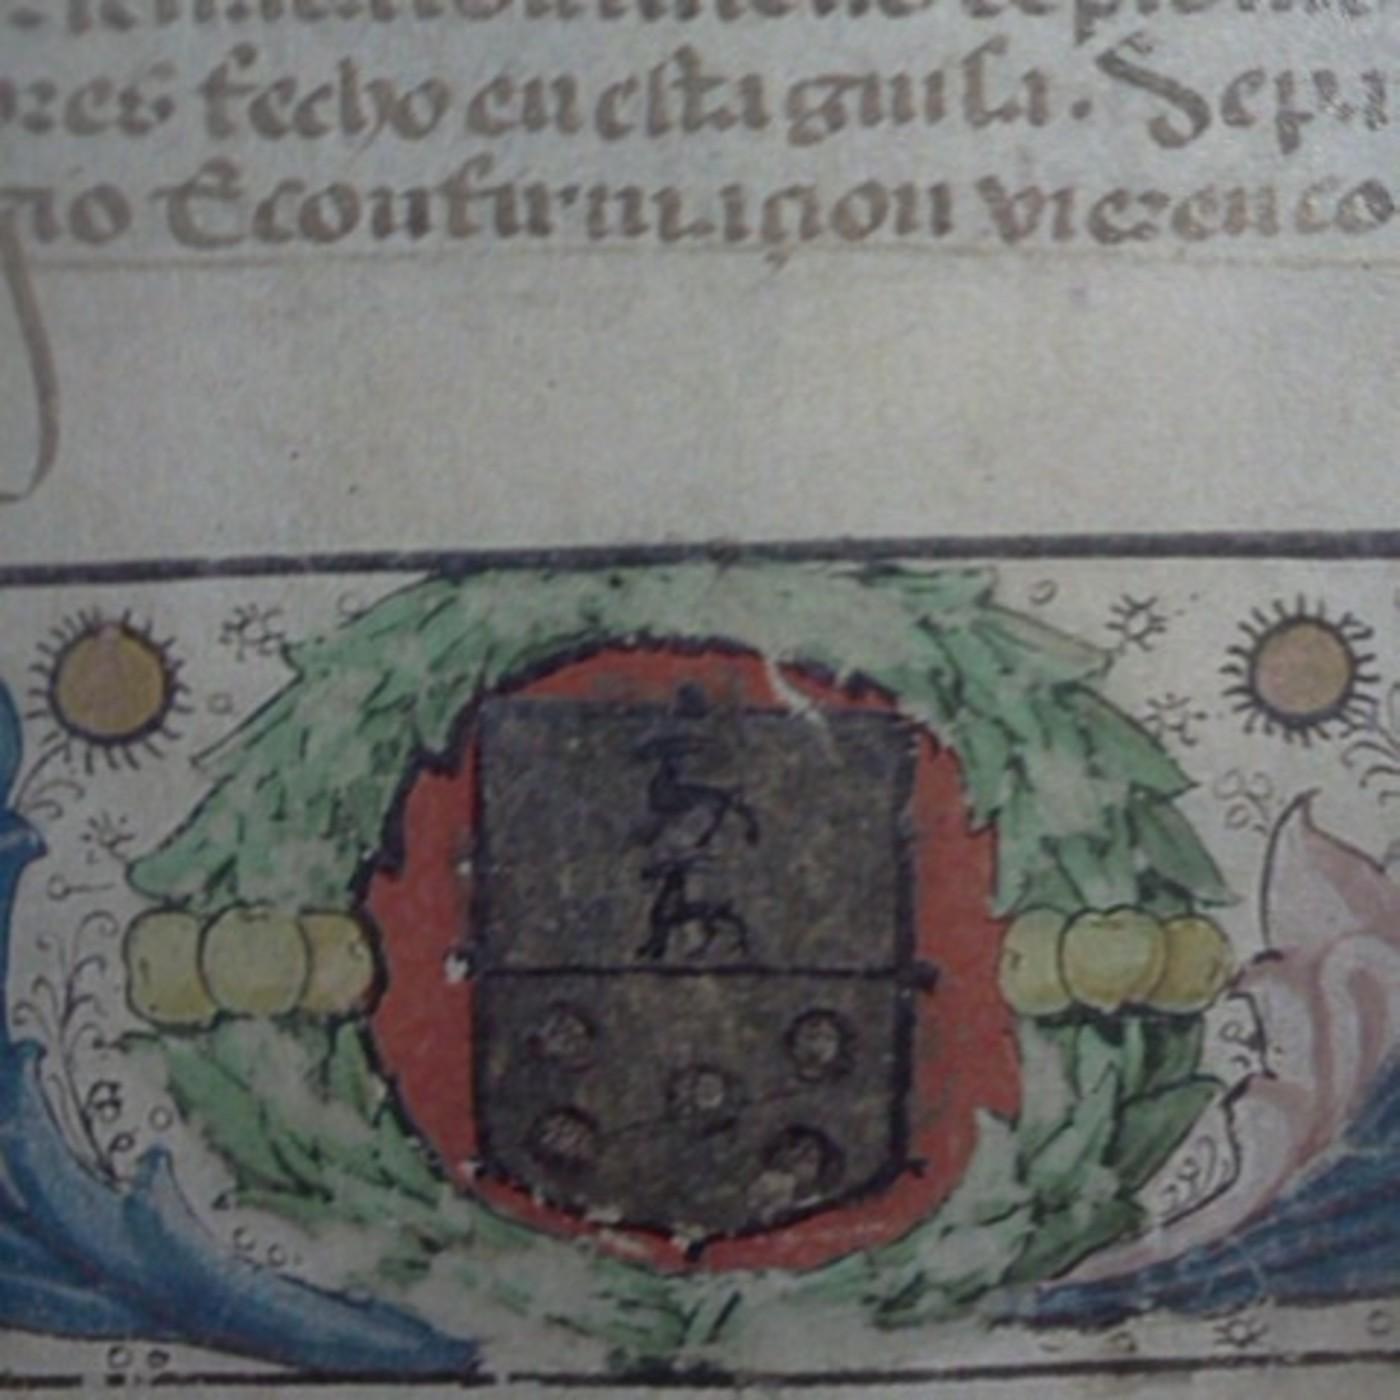 LA HISTORIA ENTRE LÍNEAS: El escudo de Cabra, su historia más allá de los mitos y leyendas